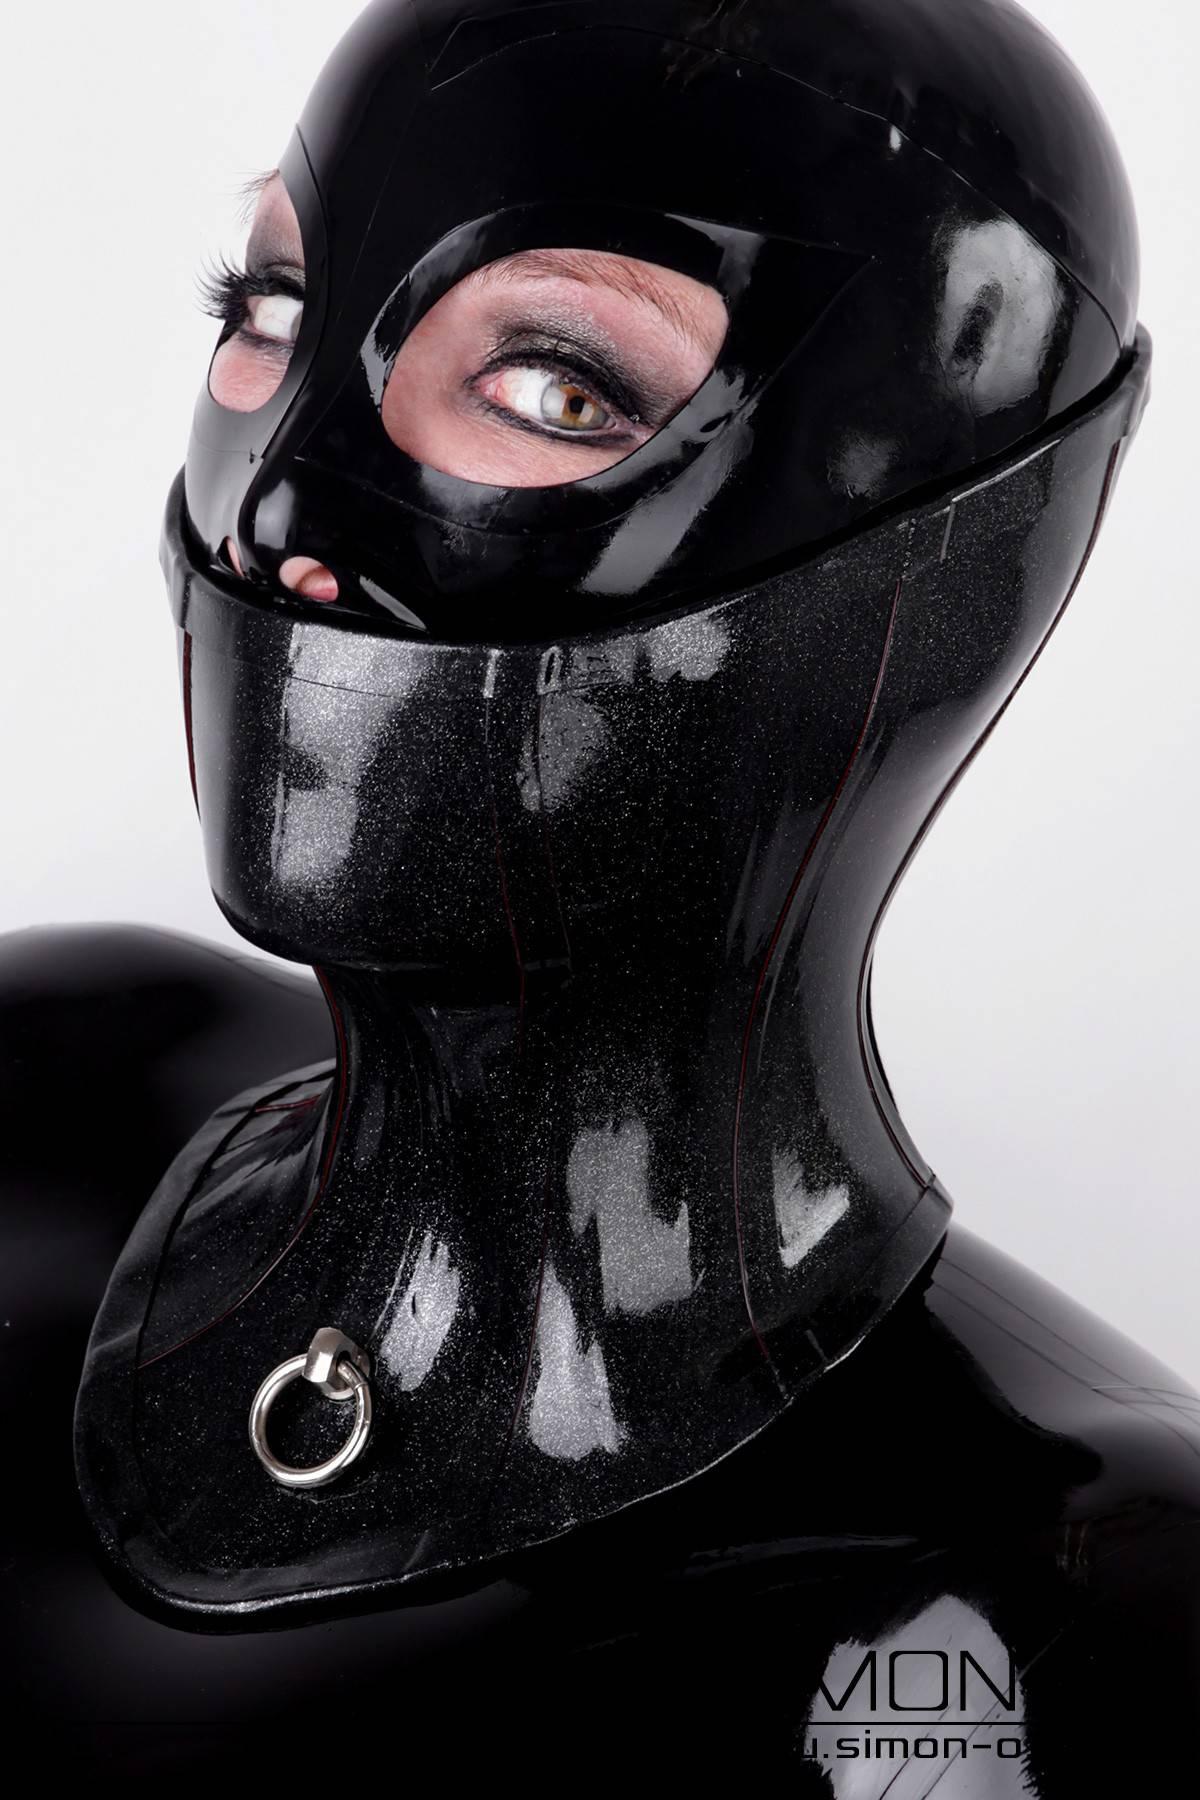 Hals Korsett für Latex Sklavinnen Dieses Latex Hals Korsett bedeckt den Mund und legt sich über die Ohren gehend weit über den Hinterkopf hinauf. Der …